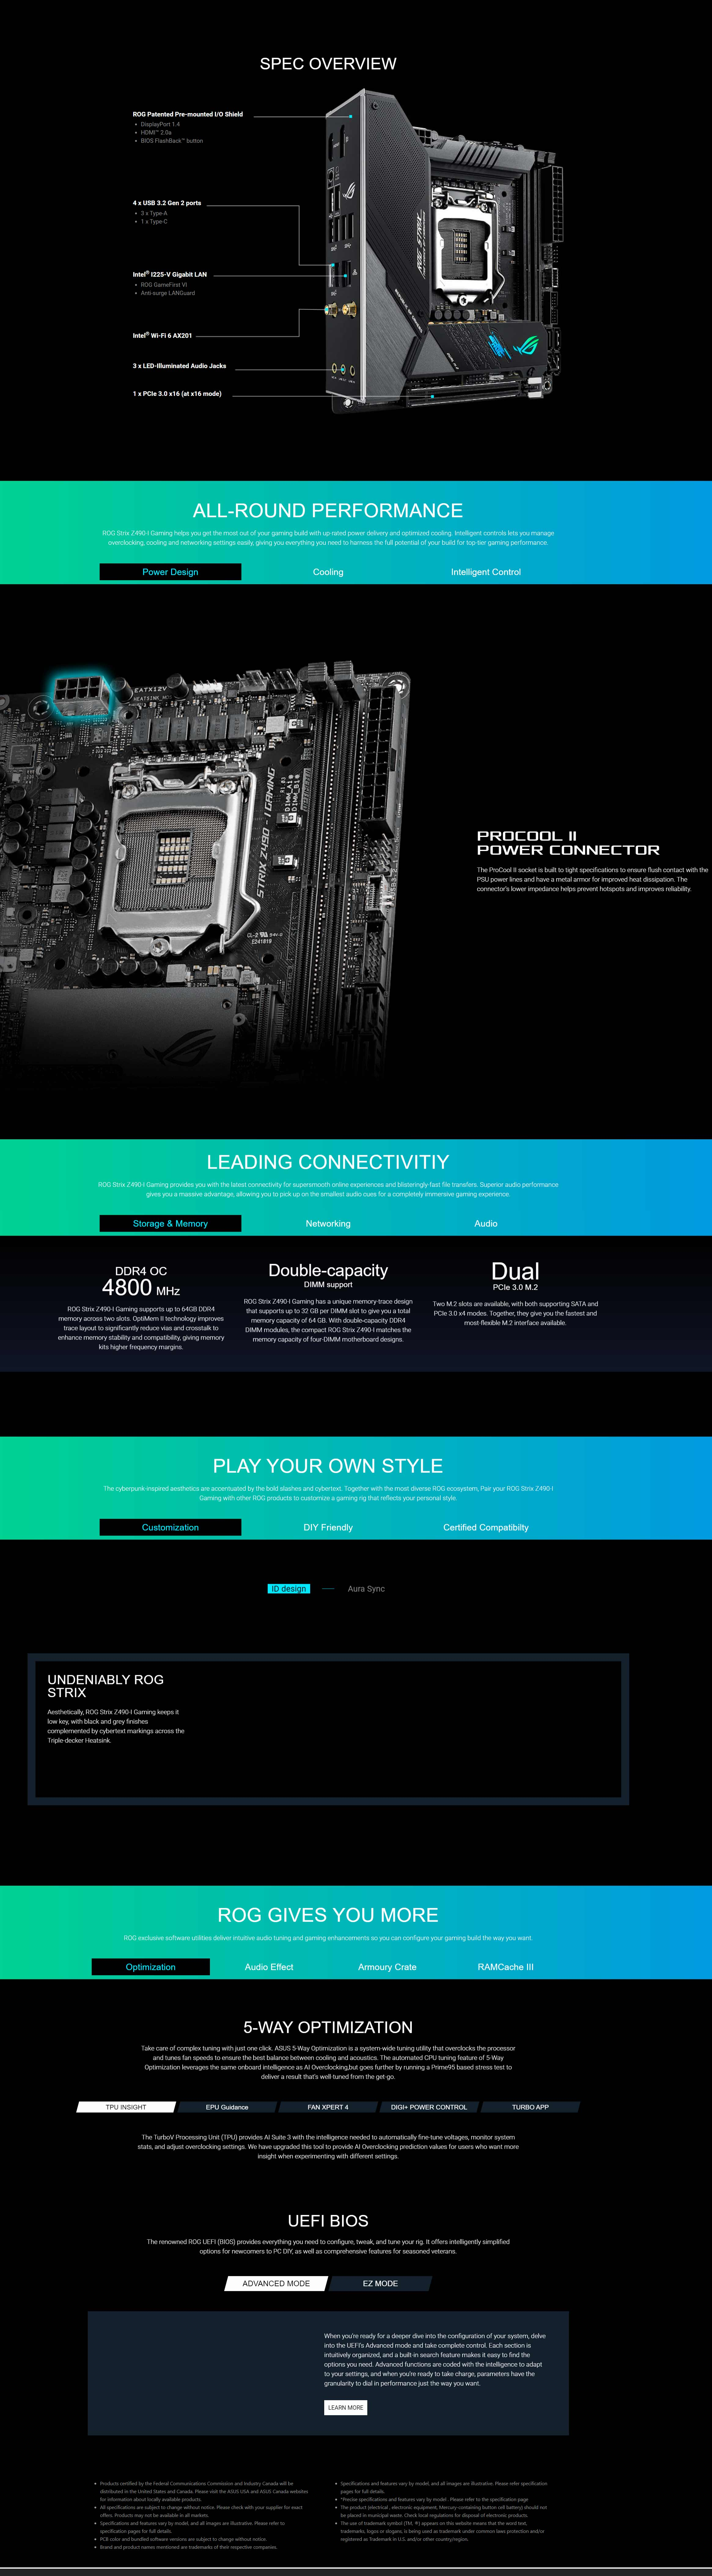 screencapture-asus-Motherboards-ROG-STRIX-Z490-I-GAMING-2020-05-14-16_13_30.jpg